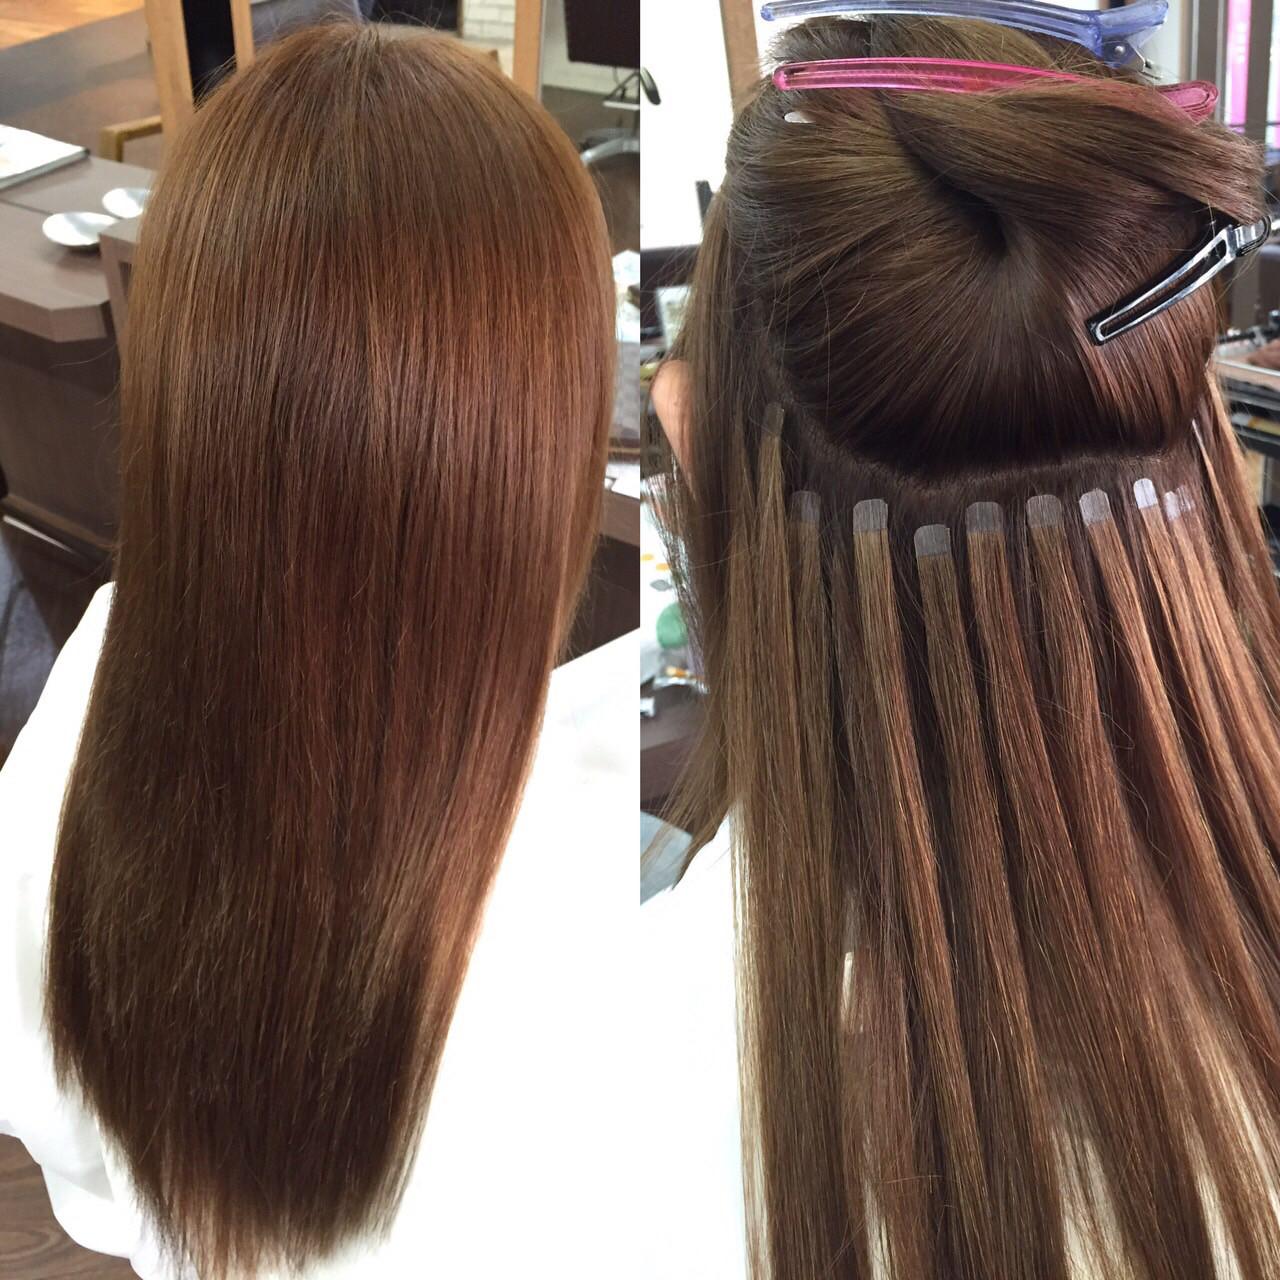 エクステでショートからロングに劇的チェンジ!付け毛スタイル集めました 高山清冠 / vifkrone hair&beauty